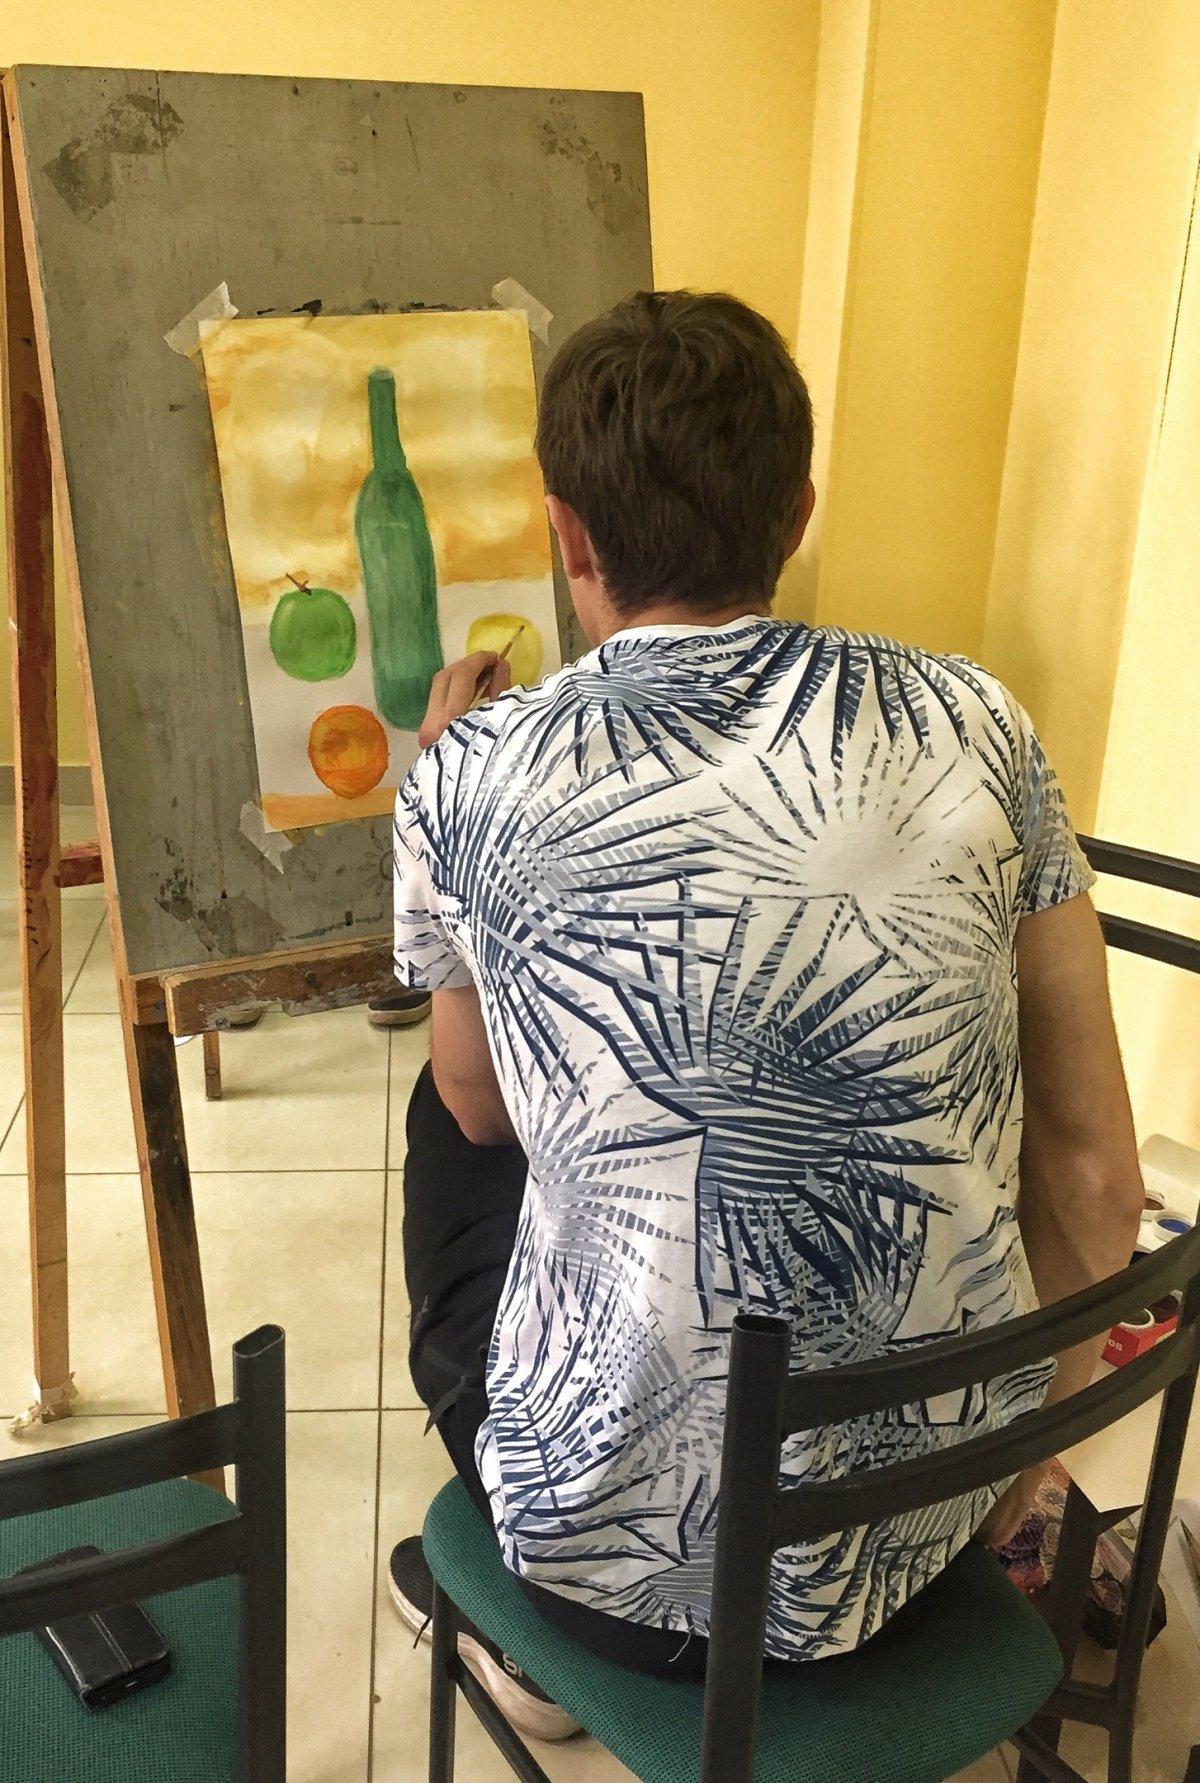 26 июля в Томском Институте Бизнеса прошёл второй этап творческого конкурса «Живопись». В творческом конкурсе участвовали абитуриенты из многих уголков России. Много талантов, которые показали отличные результаты.